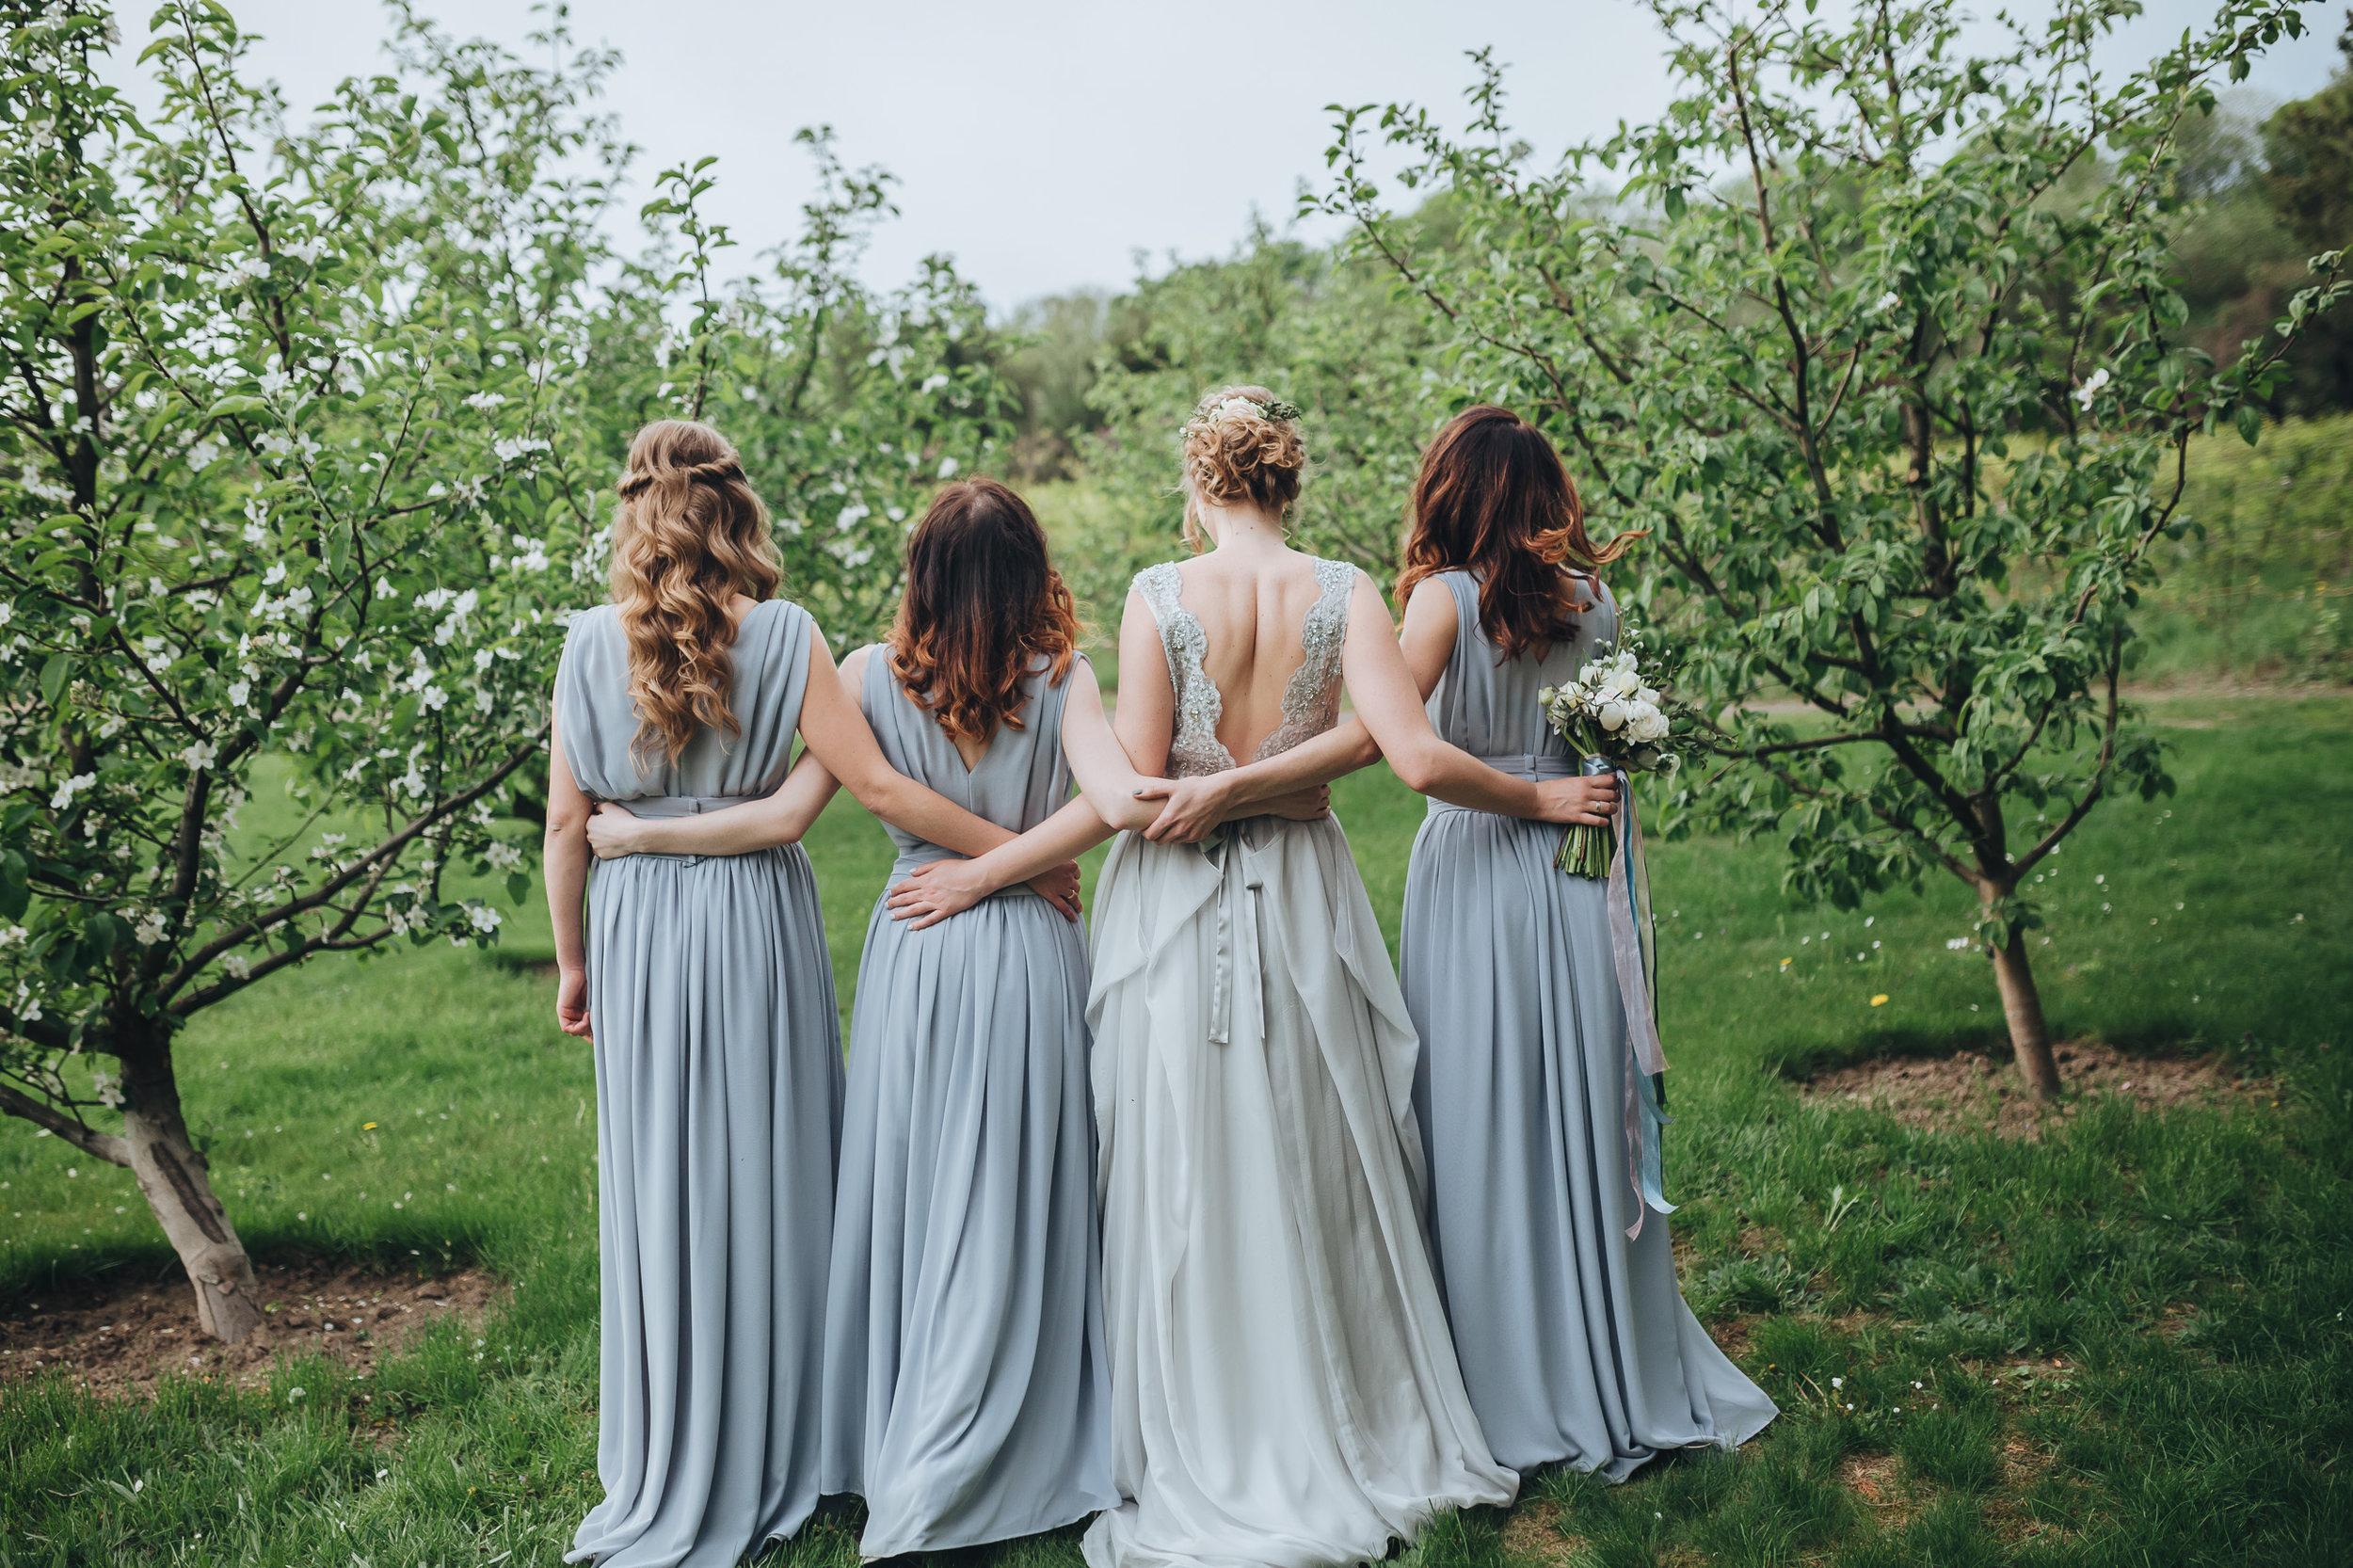 A bride hugging her bridesmaids.